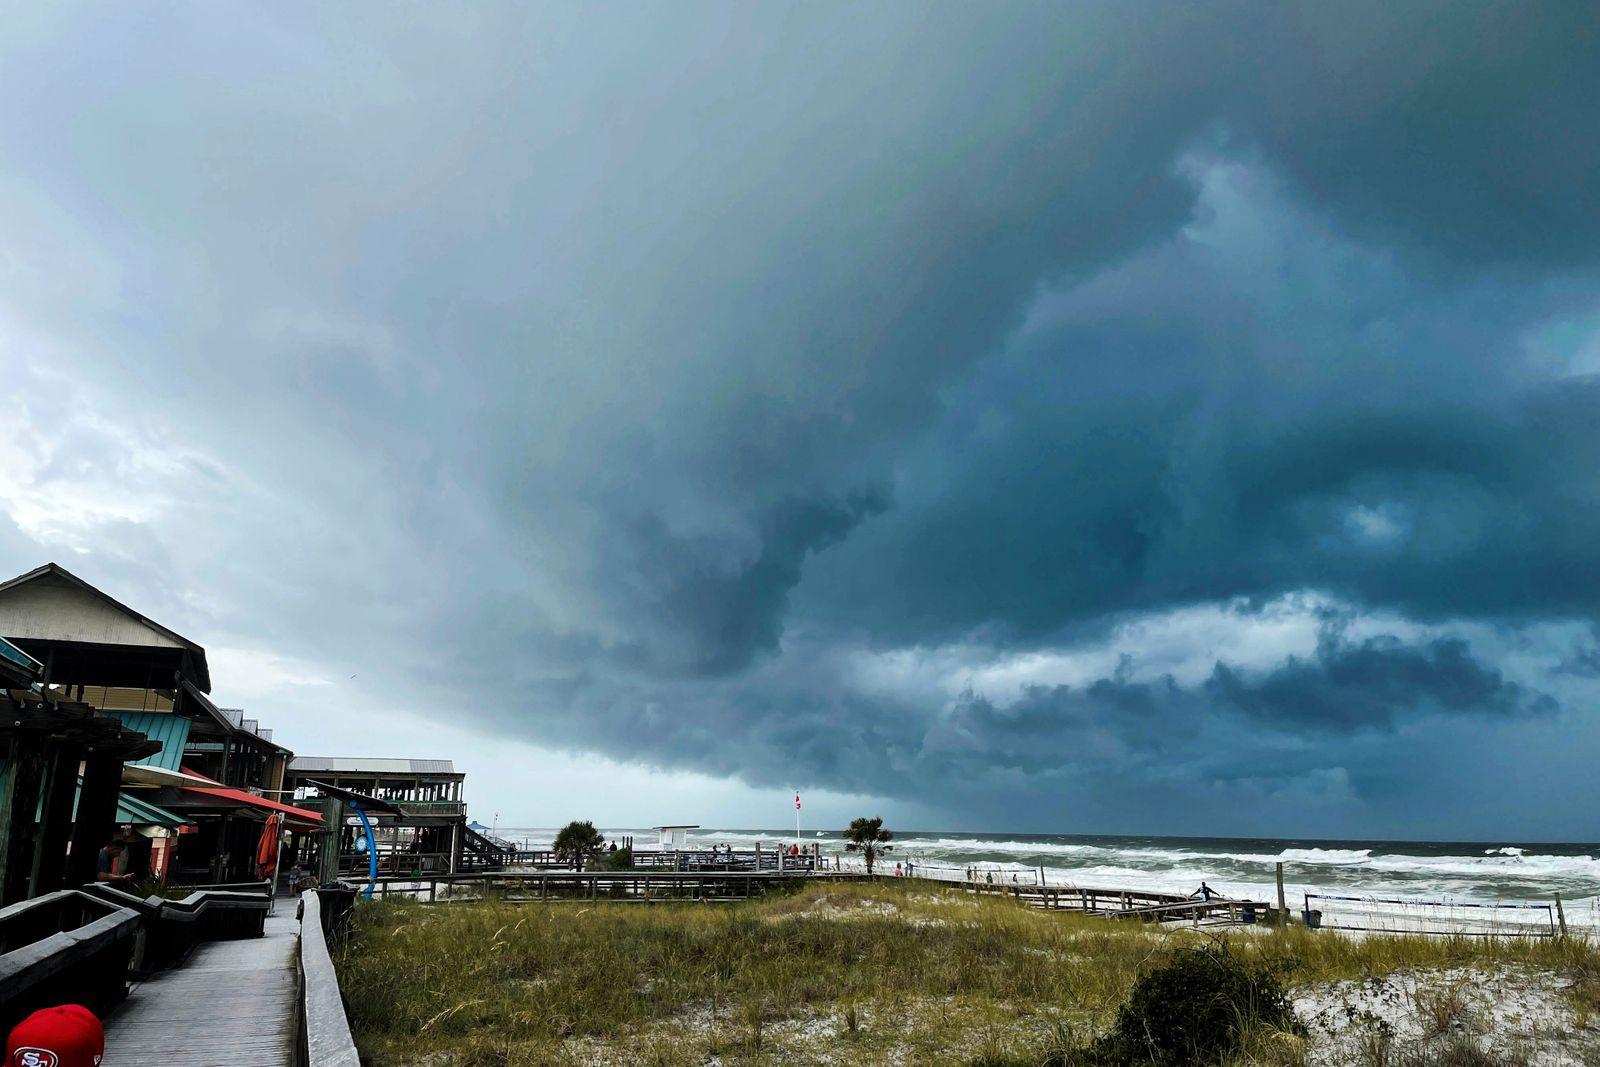 FL: Hurricane Ida passes Okaloosa Island on its way towards Louisiana